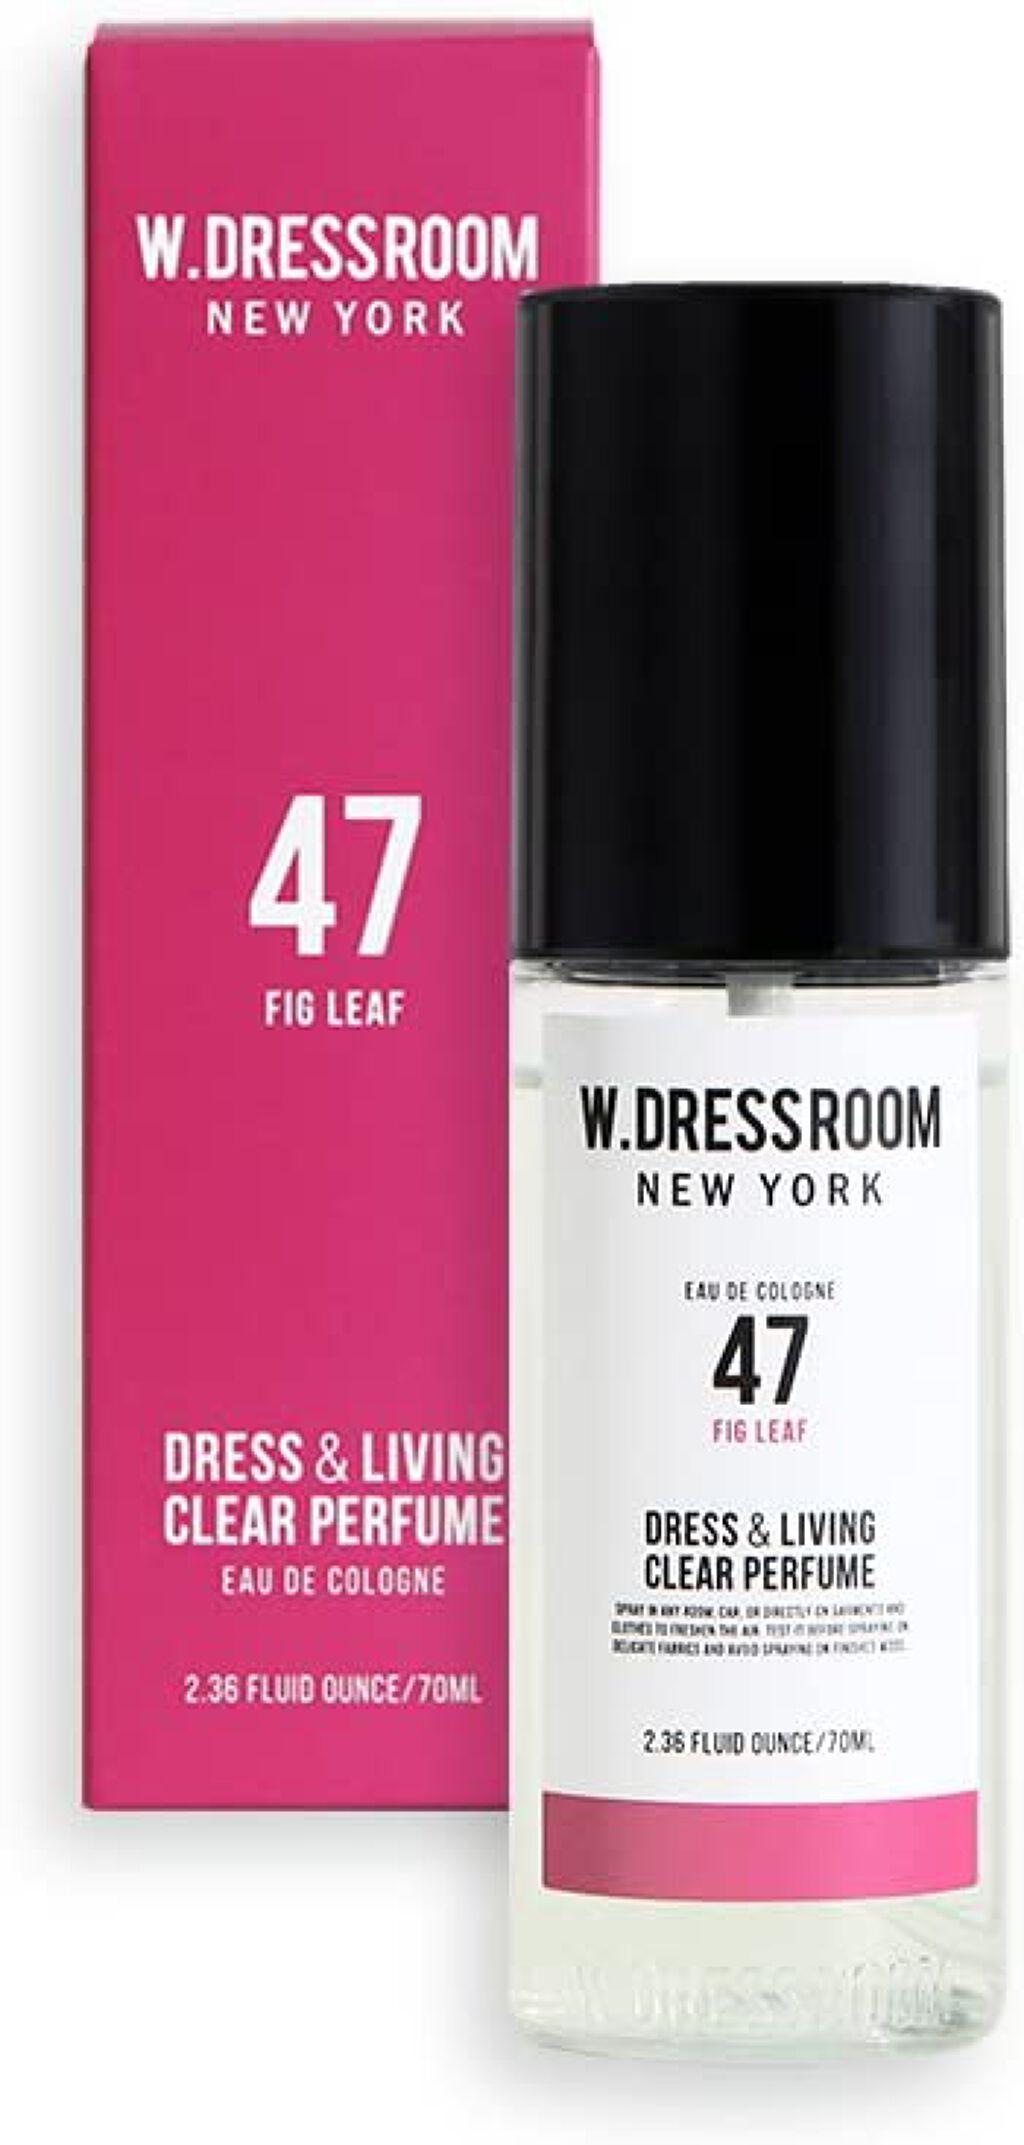 ドレス&リビング クリーン パフューム No.47 フィグリーフ